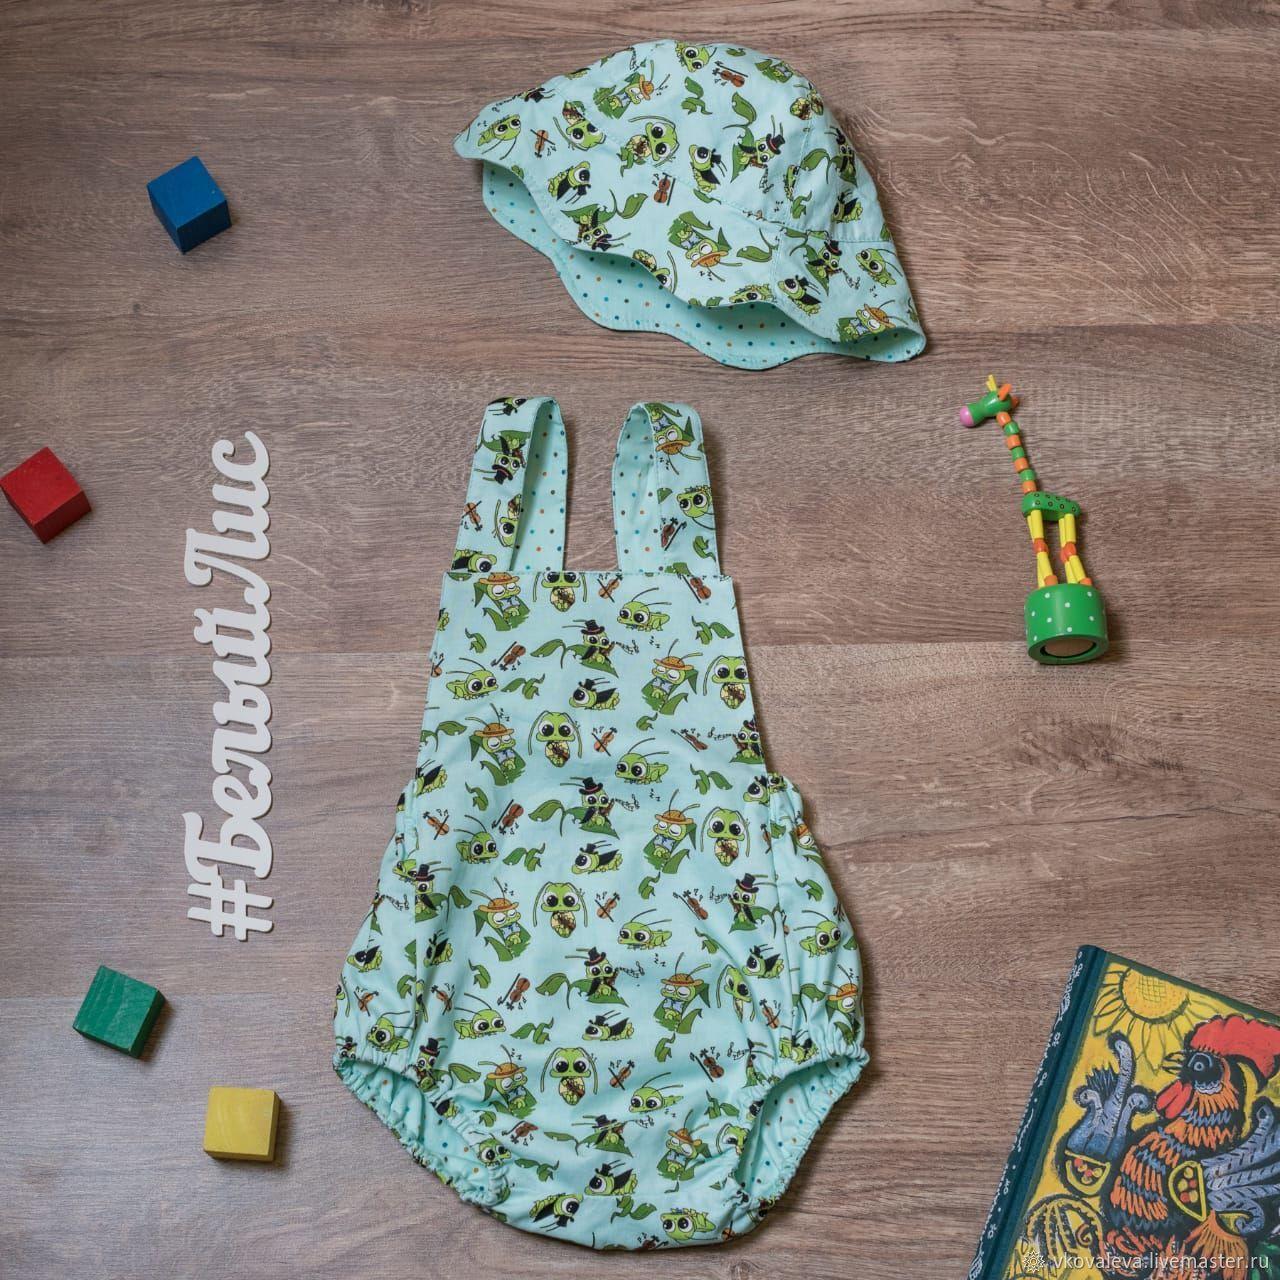 Одежда для мальчиков, ручной работы. Ярмарка Мастеров - ручная работа. Купить Ромпер (песочник). Handmade. Панама, одежда для детей